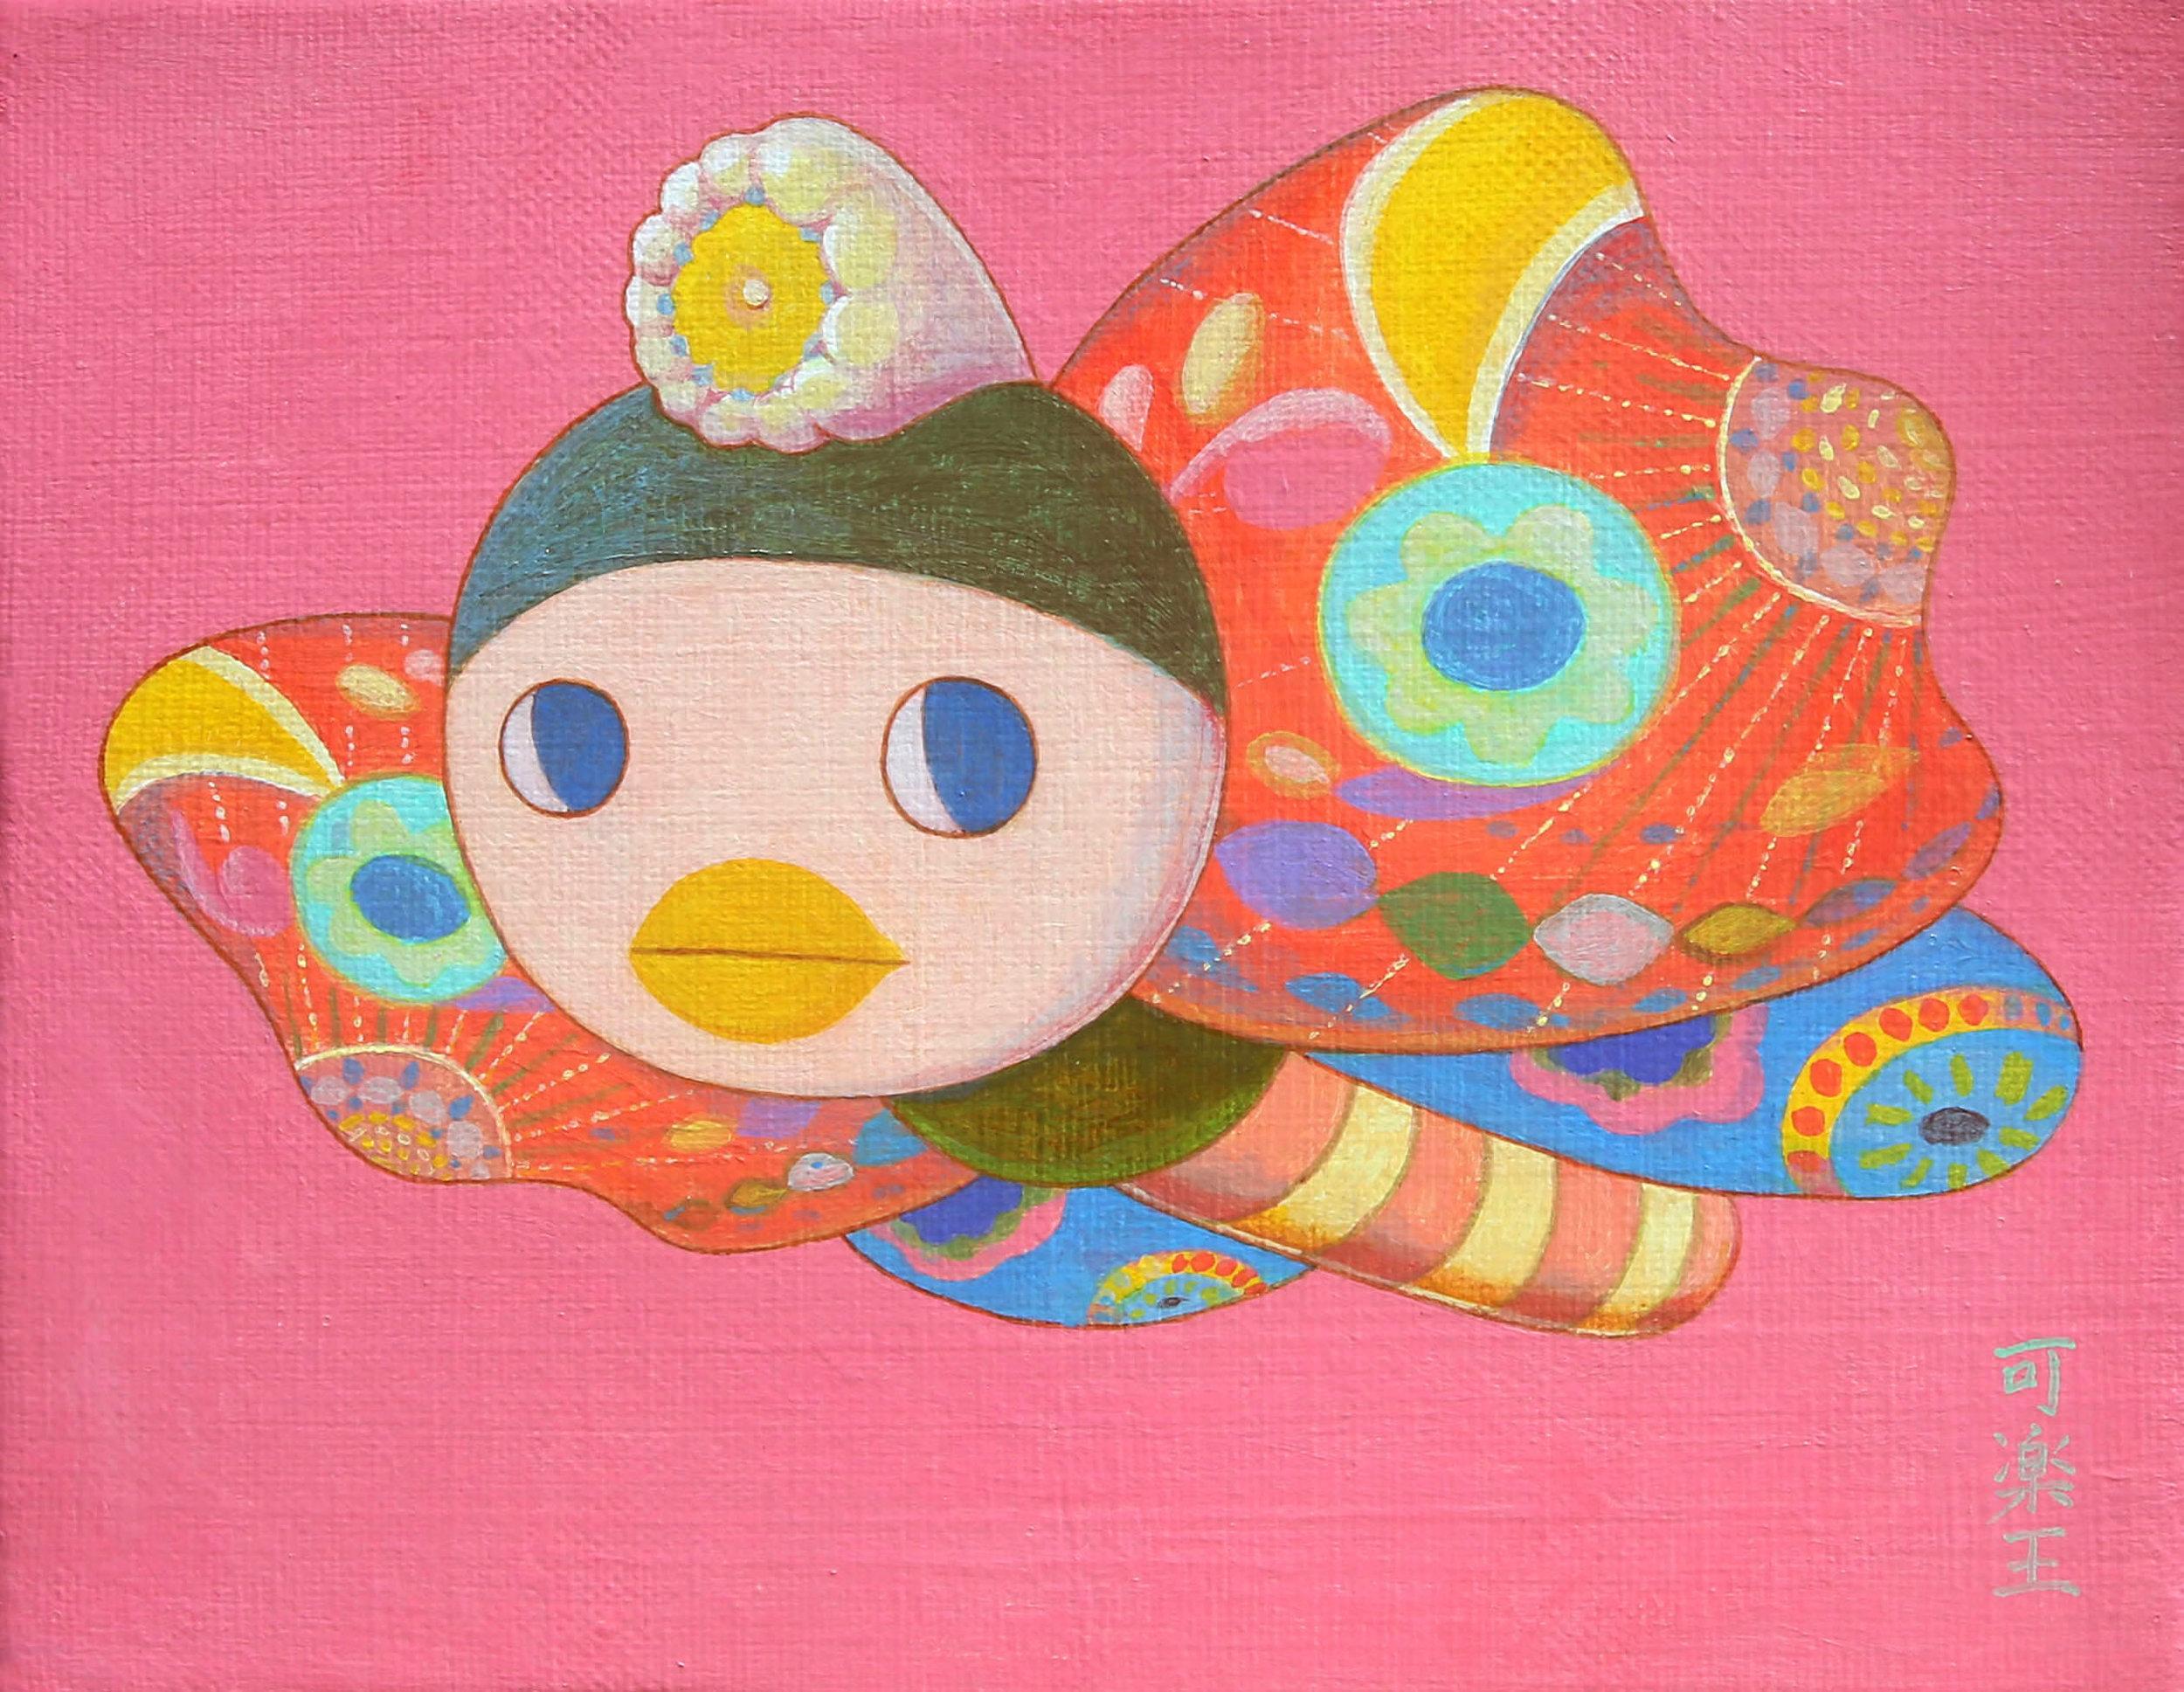 班雅明 17.5×14.0cm Acrylic on canvas 2018-2019